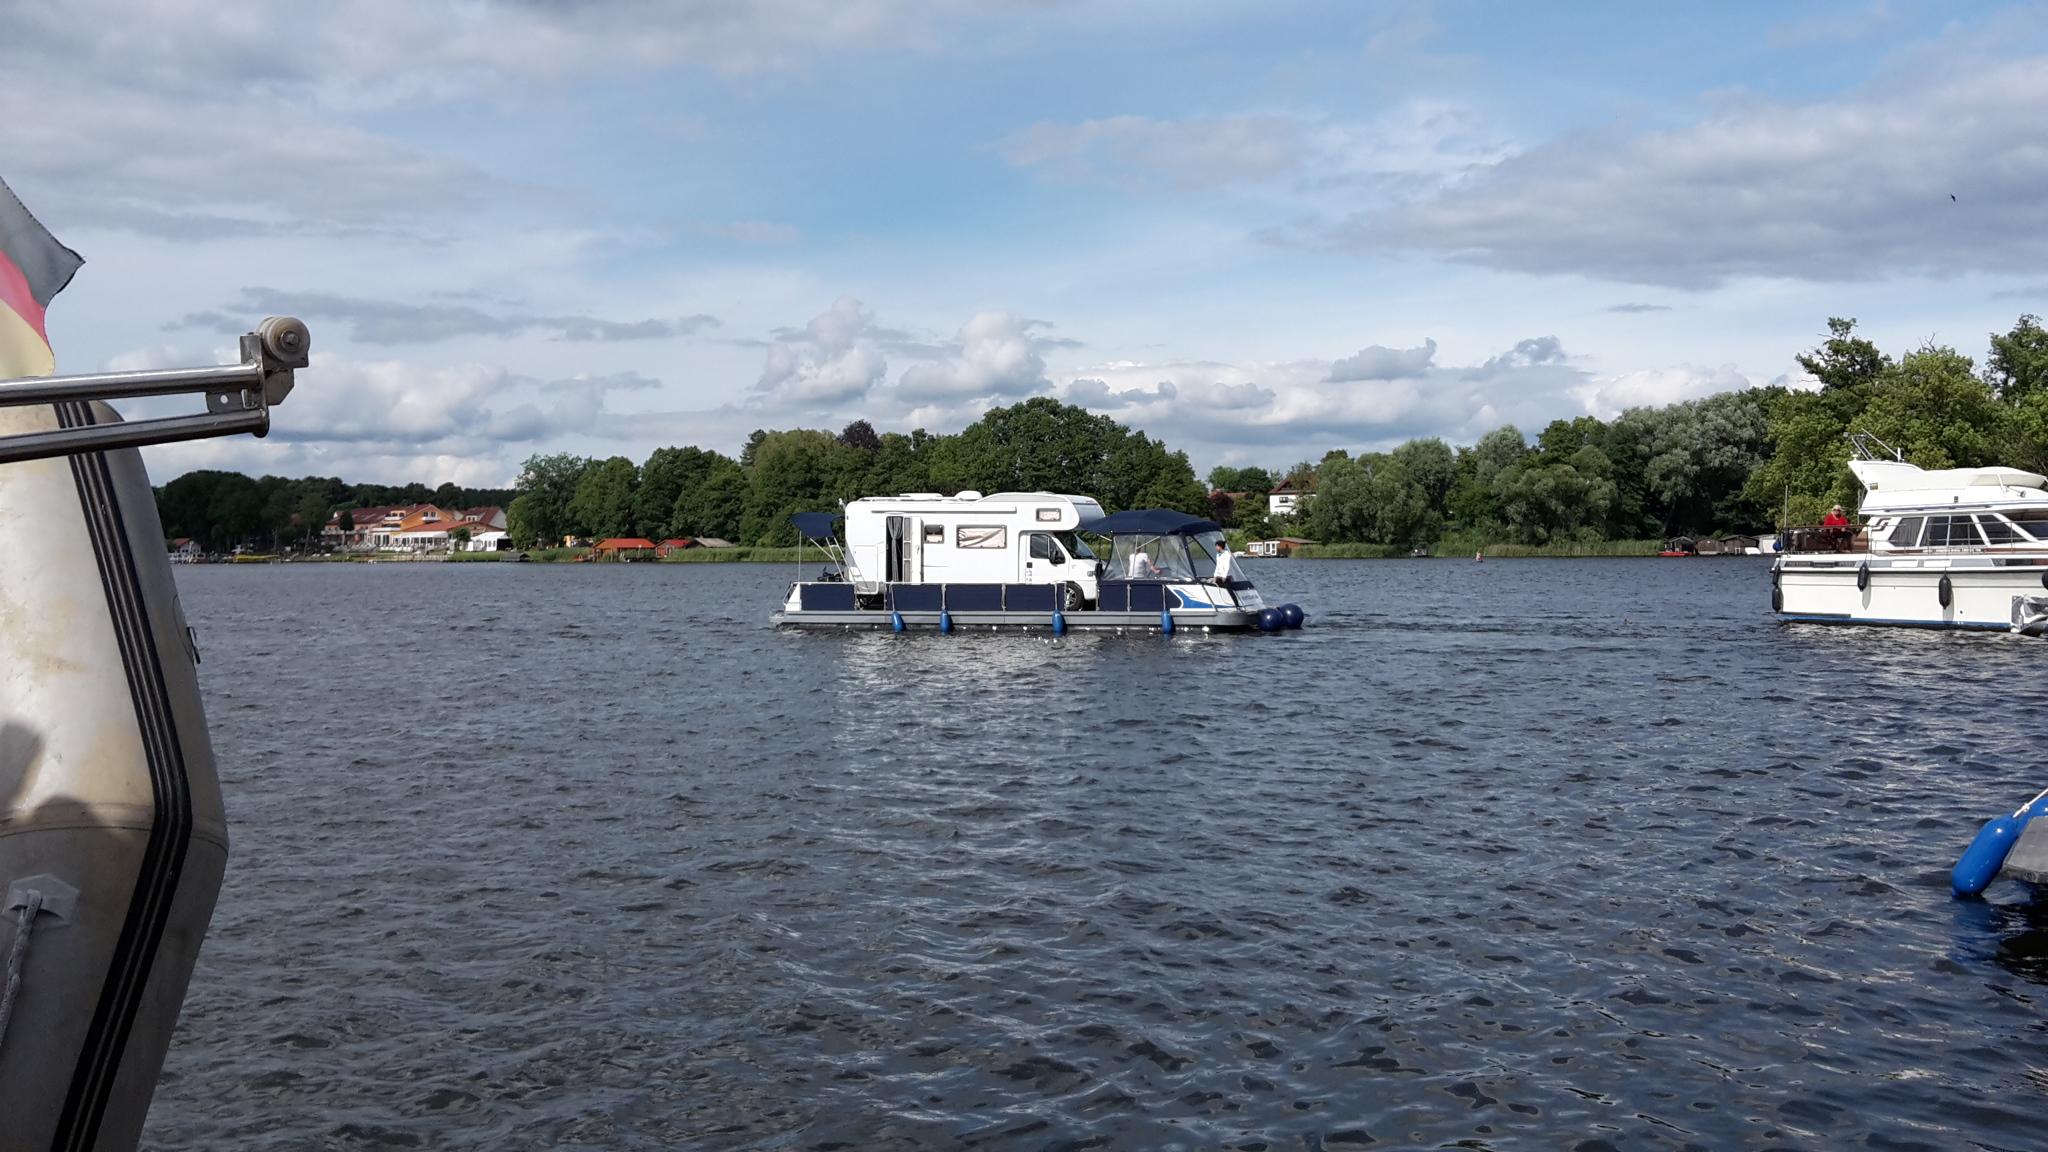 Auch das gibt es schon, Womo auf einem Boot